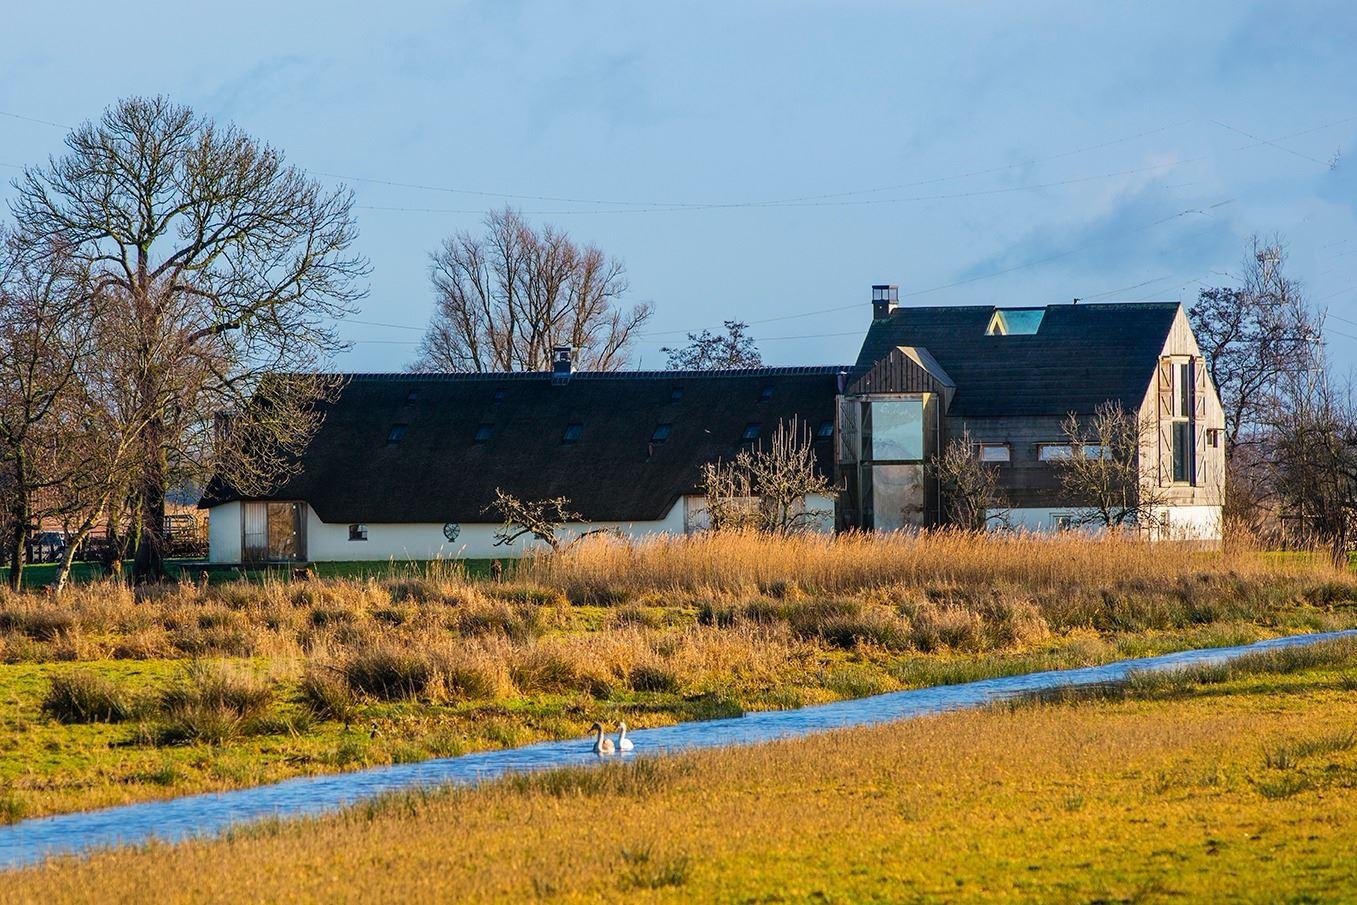 Huis te koop kreugerlaan 2 1381 hn weesp funda - Moderne wijnkelder ...